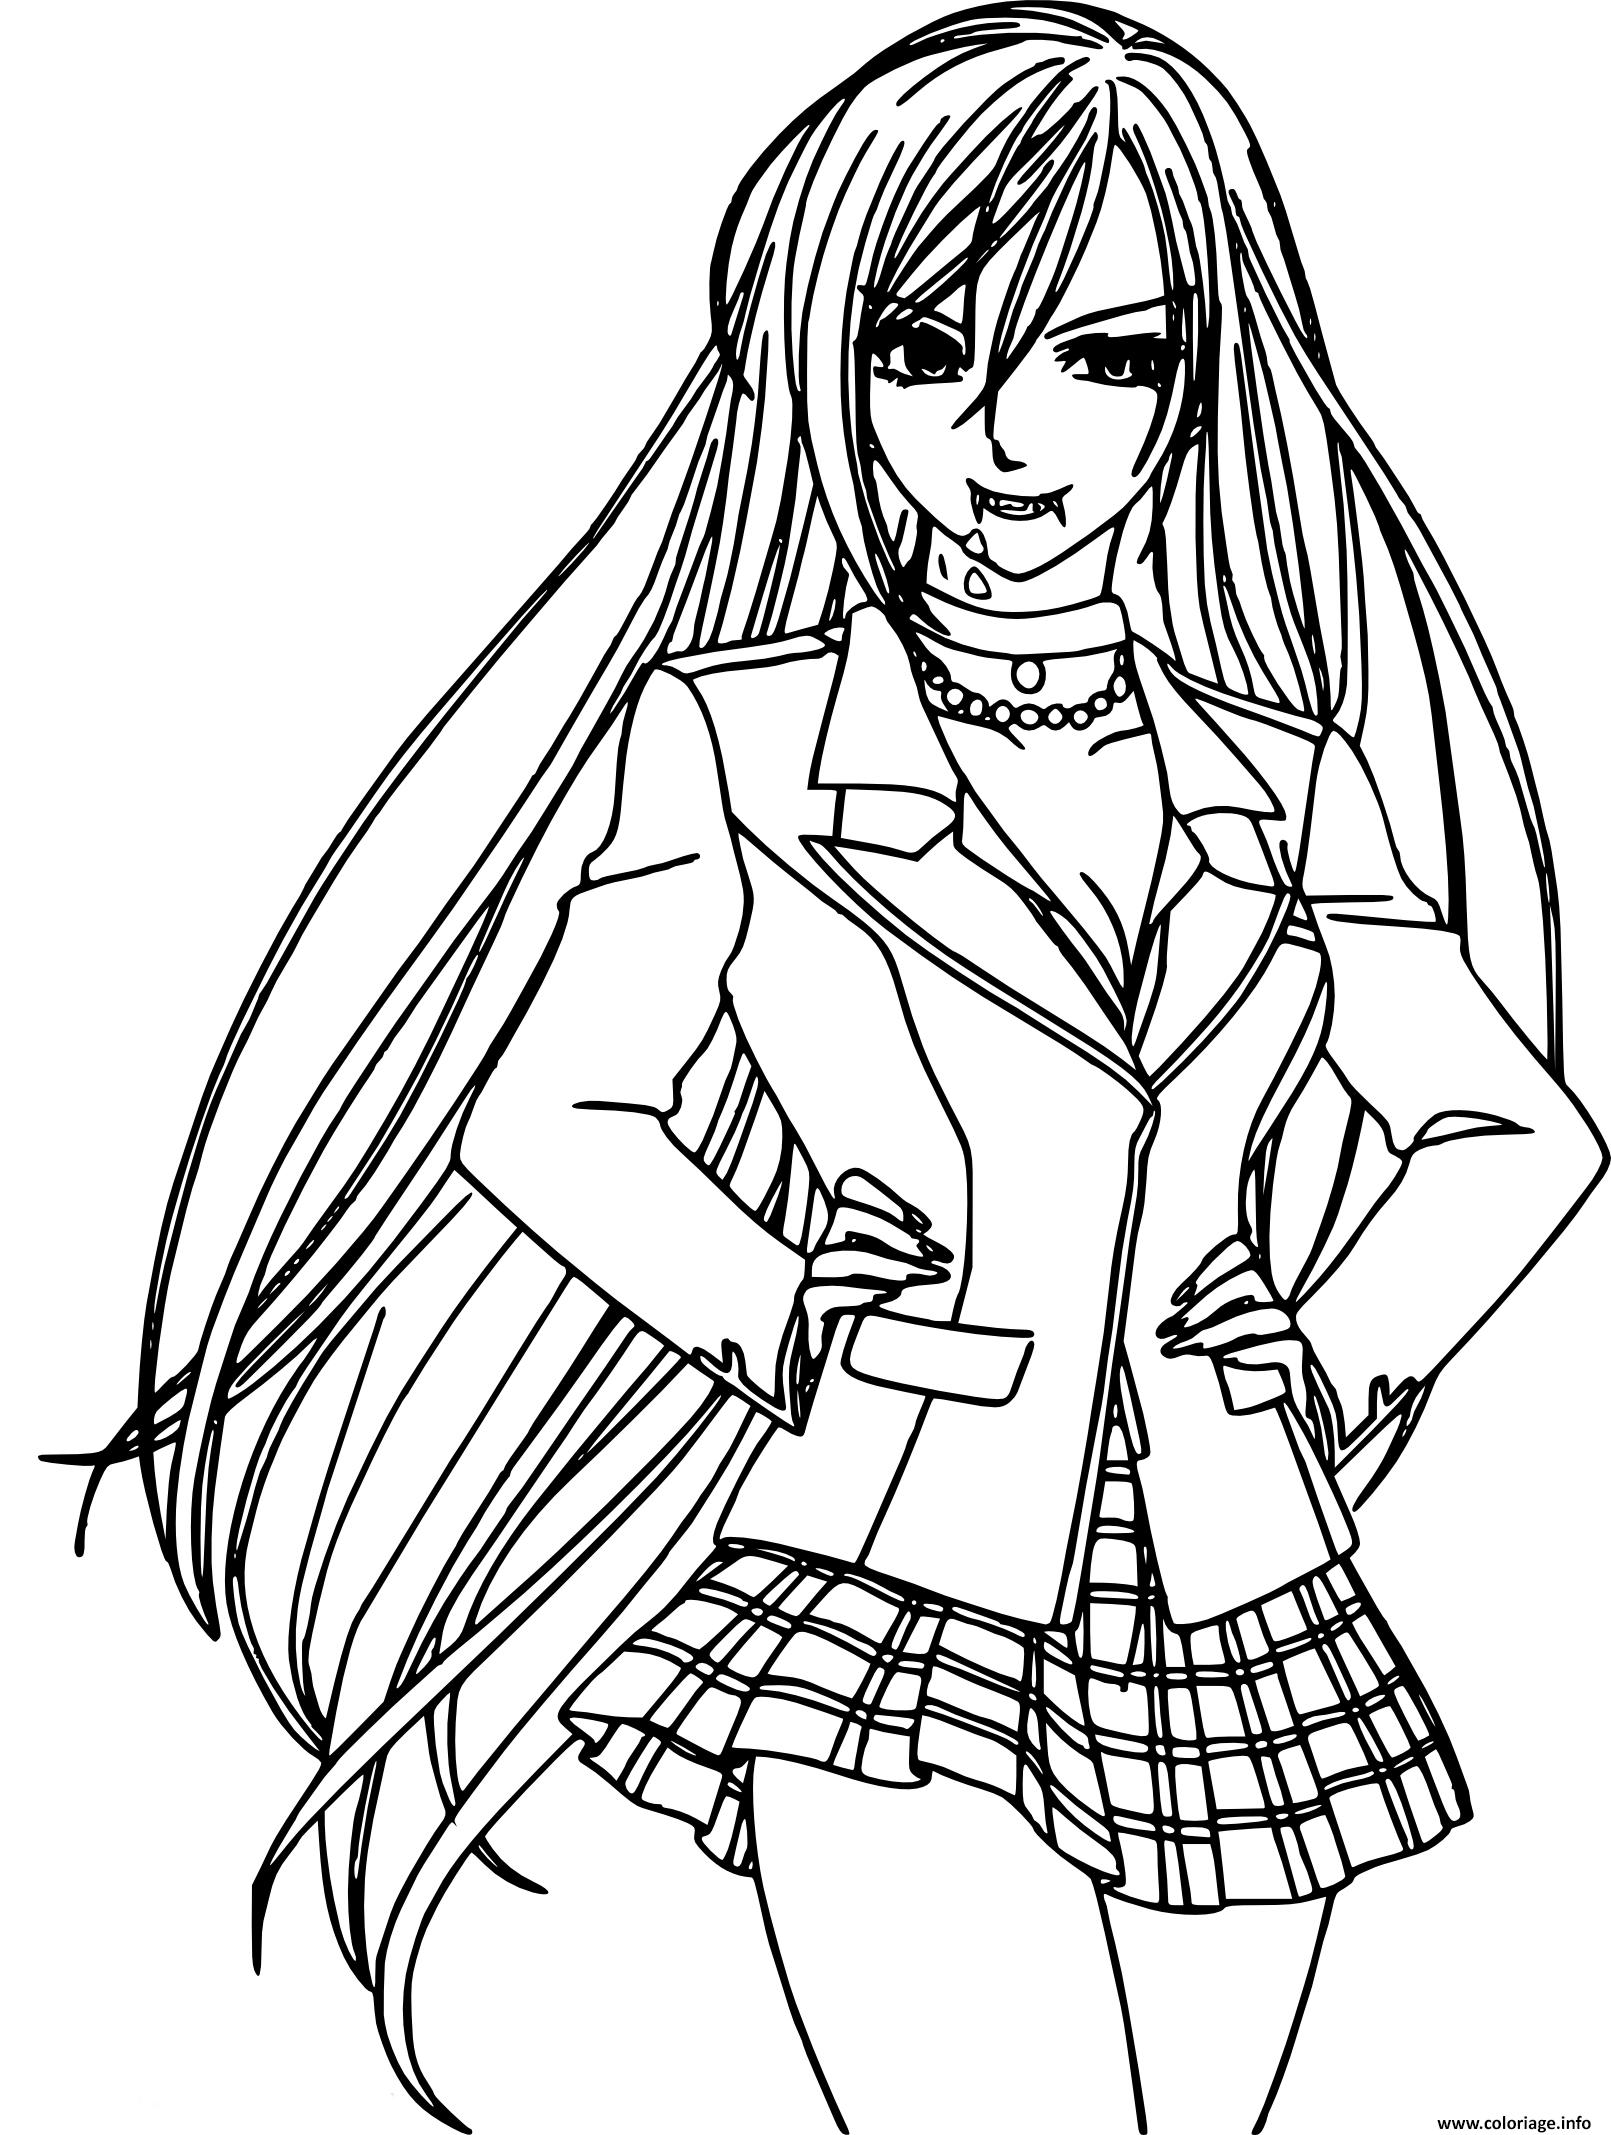 Coloriage Fille Vampire Manga Dessin Vampire à imprimer